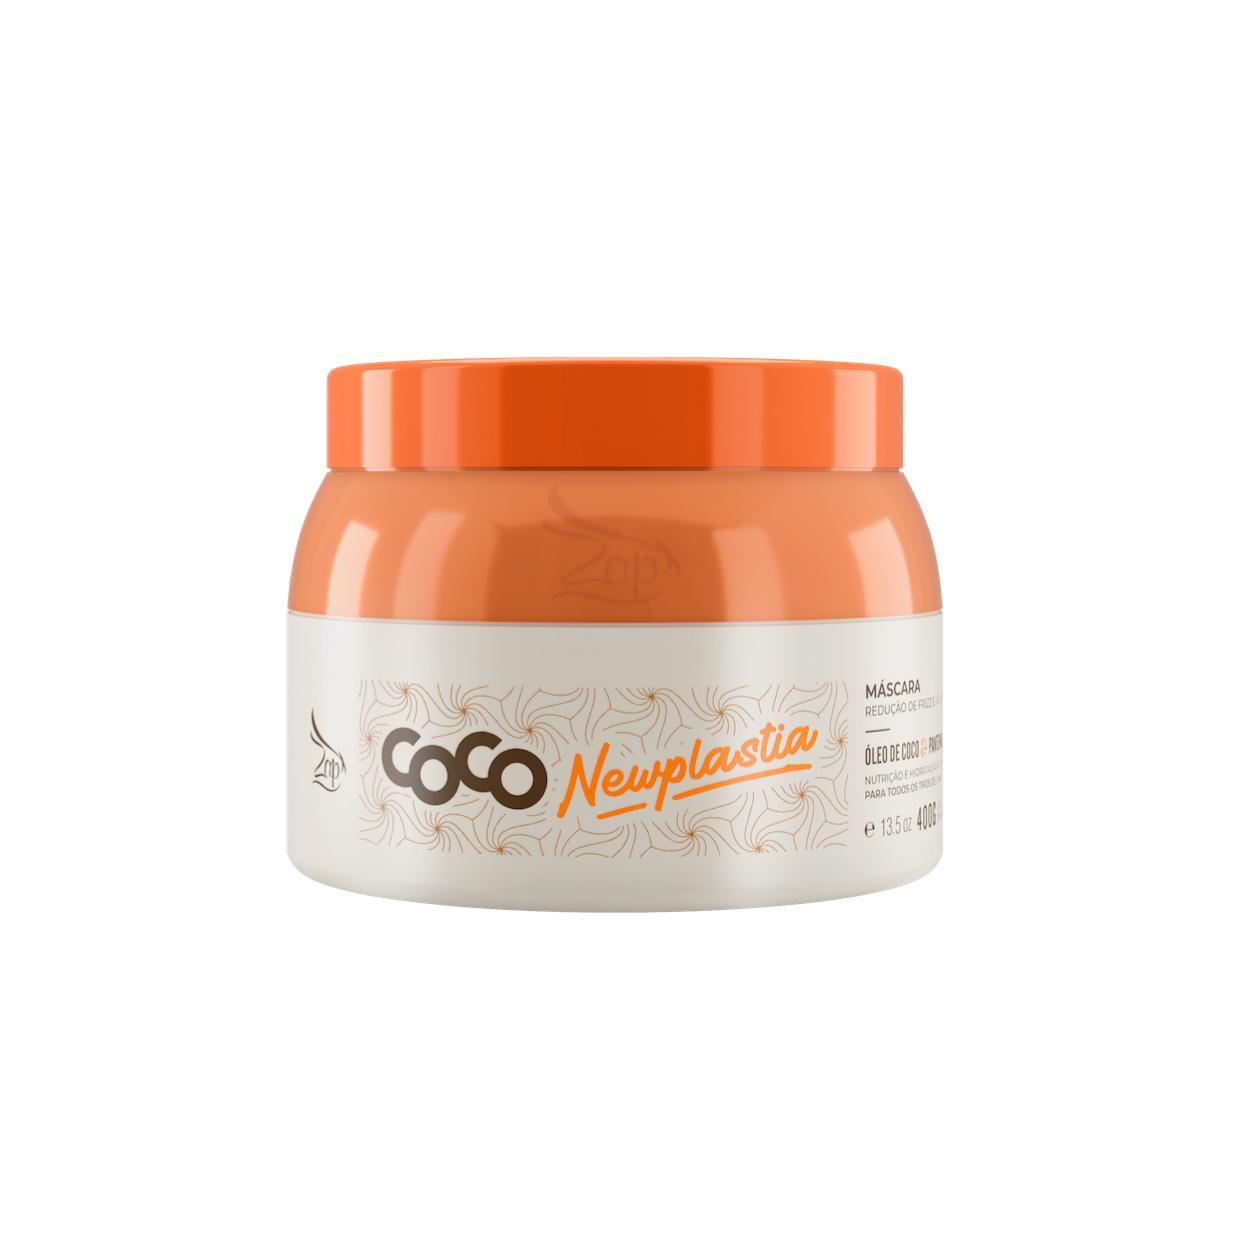 Zap Coco Newplastia Máscara 400g